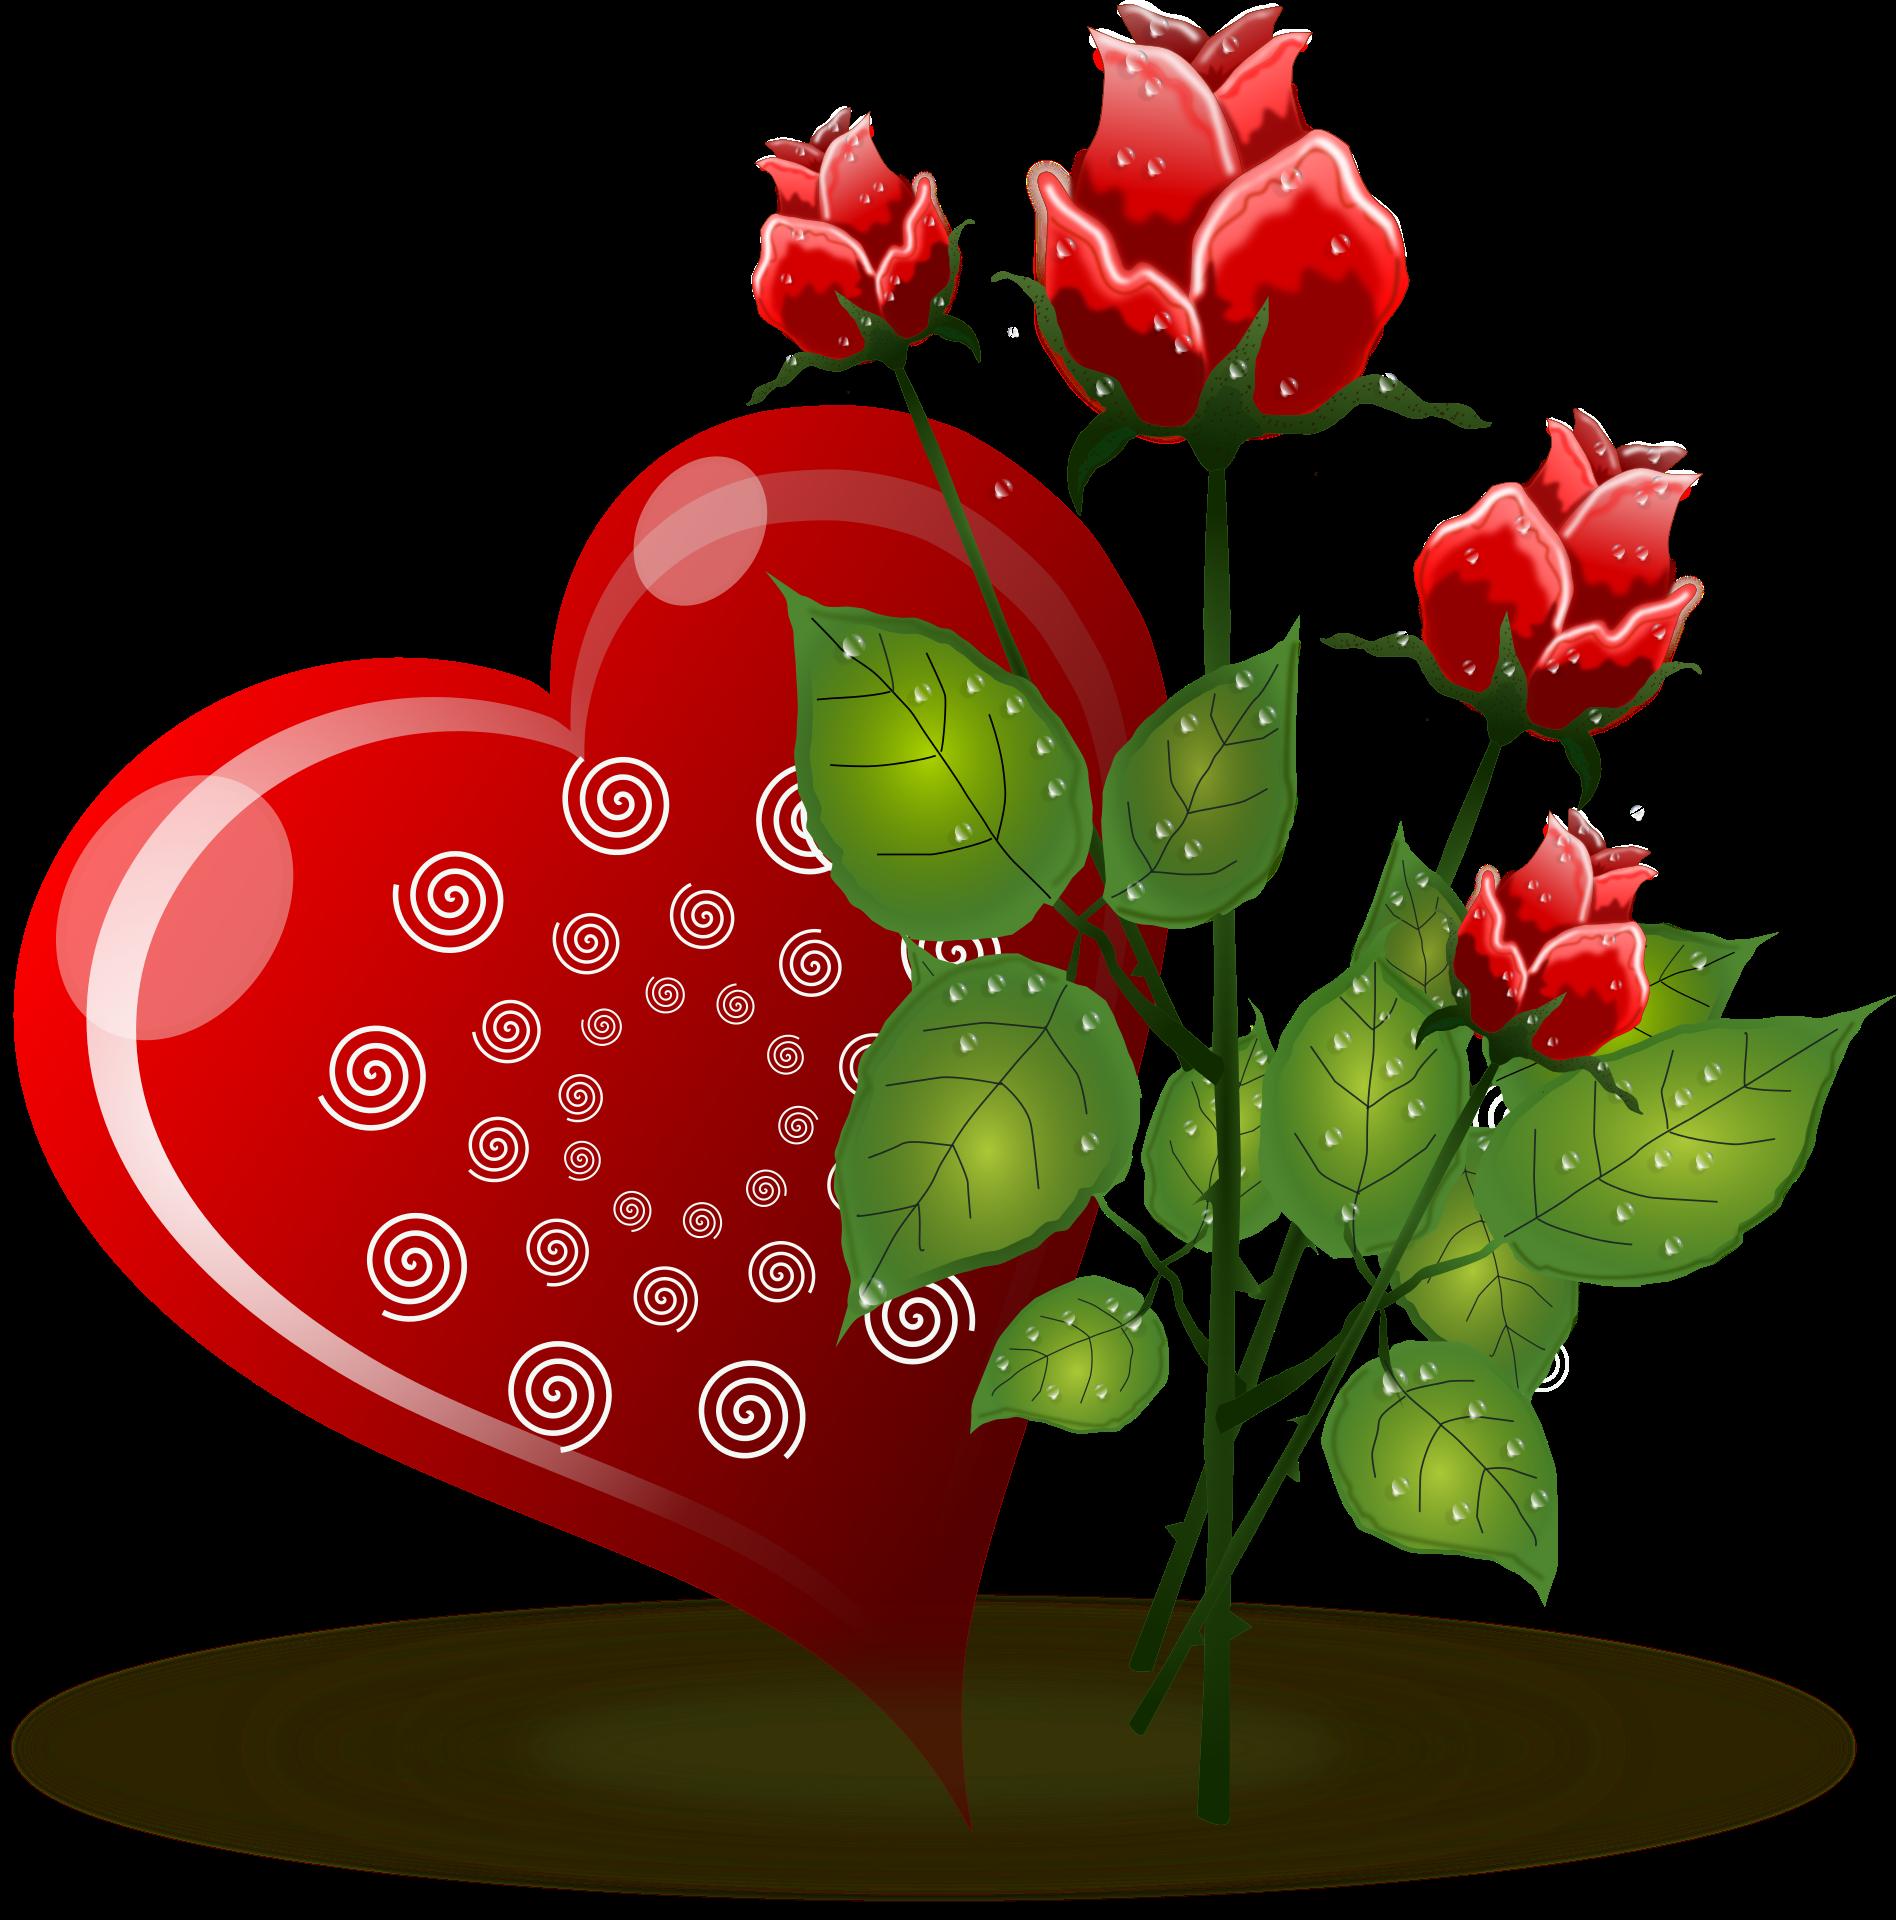 Heart clipart garden. Rose flower valentines day